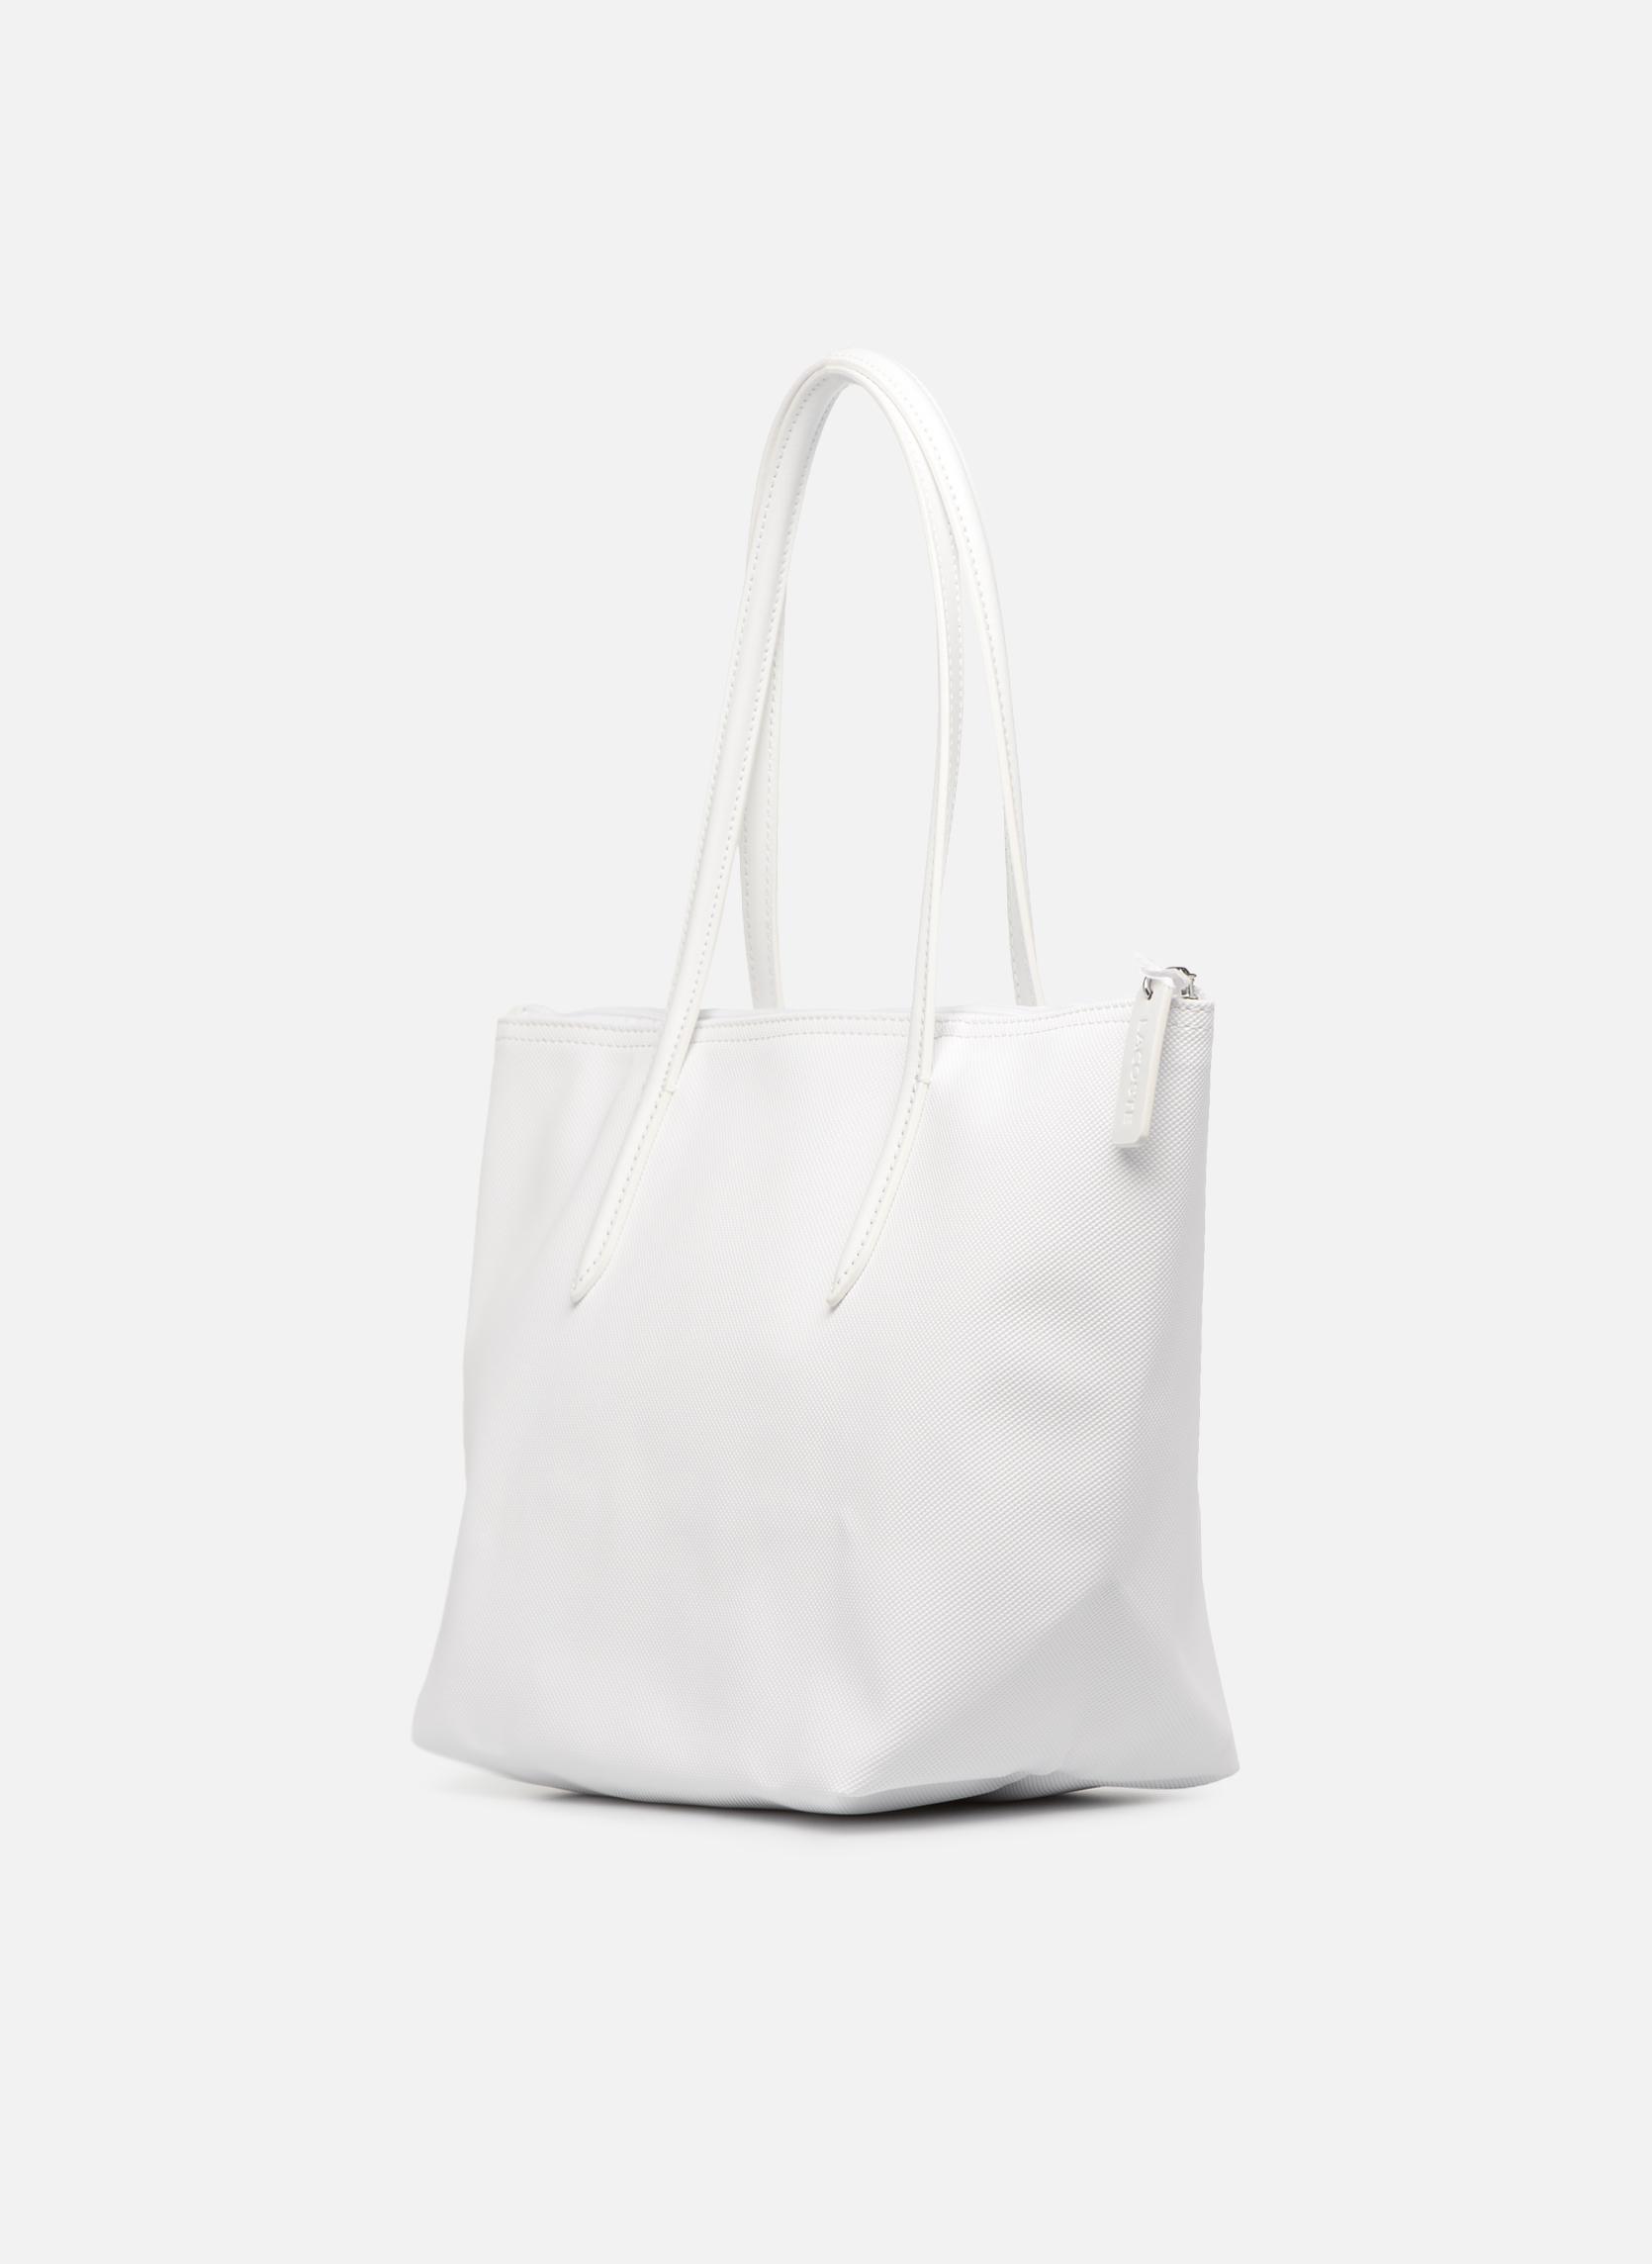 L1212 Shopping bag S Bright white